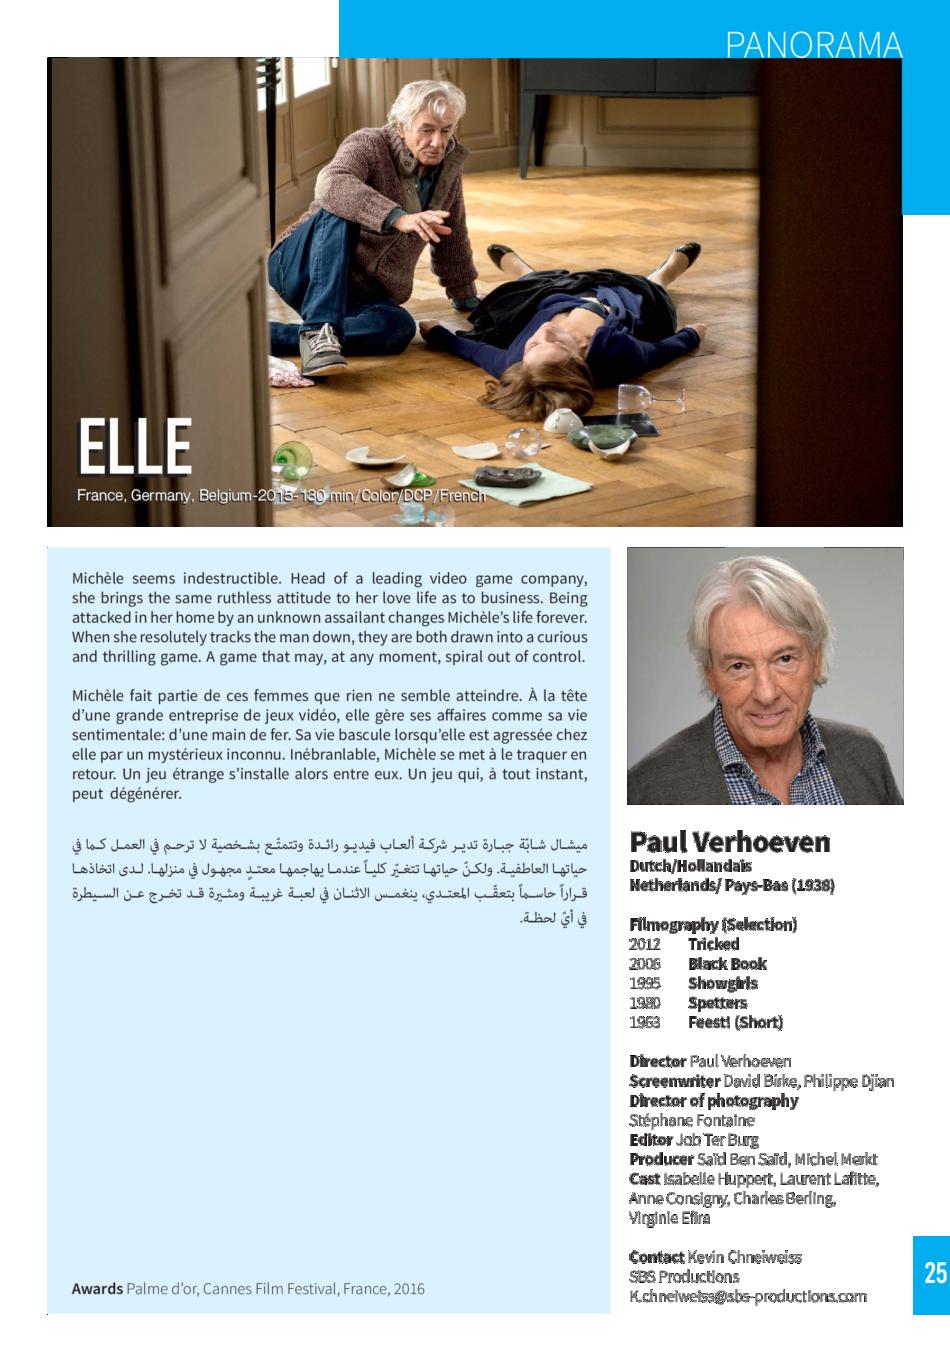 Elle Beirut International Film Festival